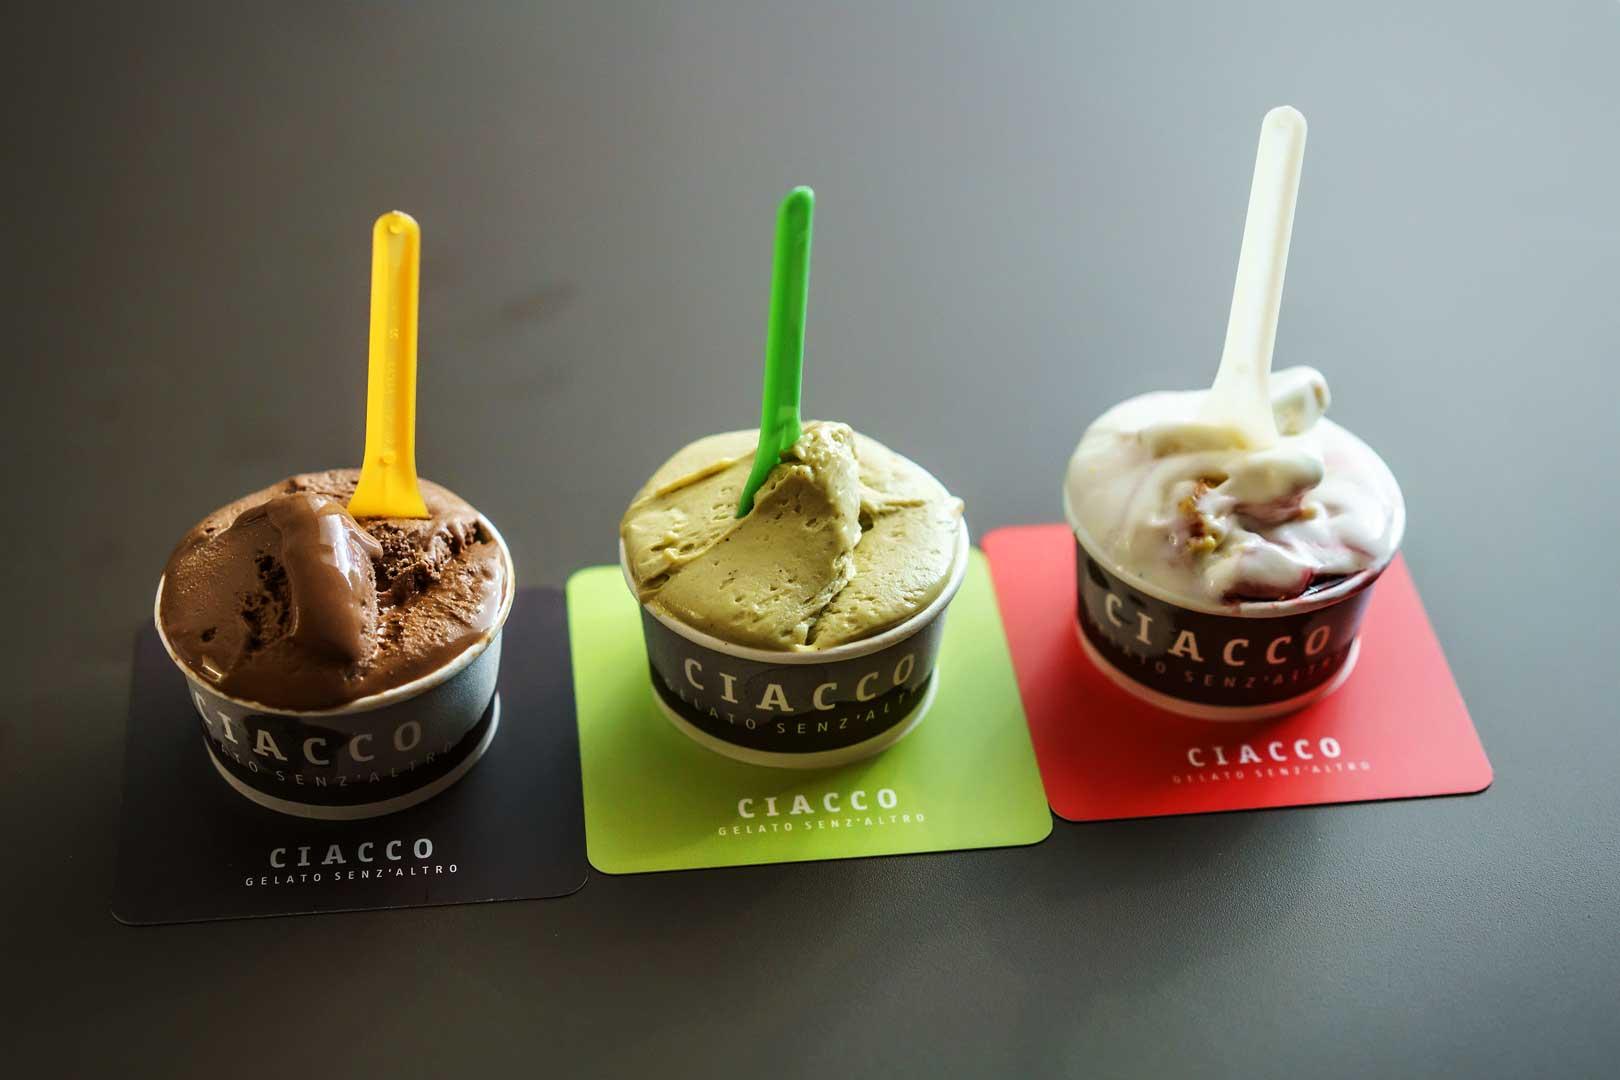 Ciacco gelato senz'altro - Via Spadari, Milano.